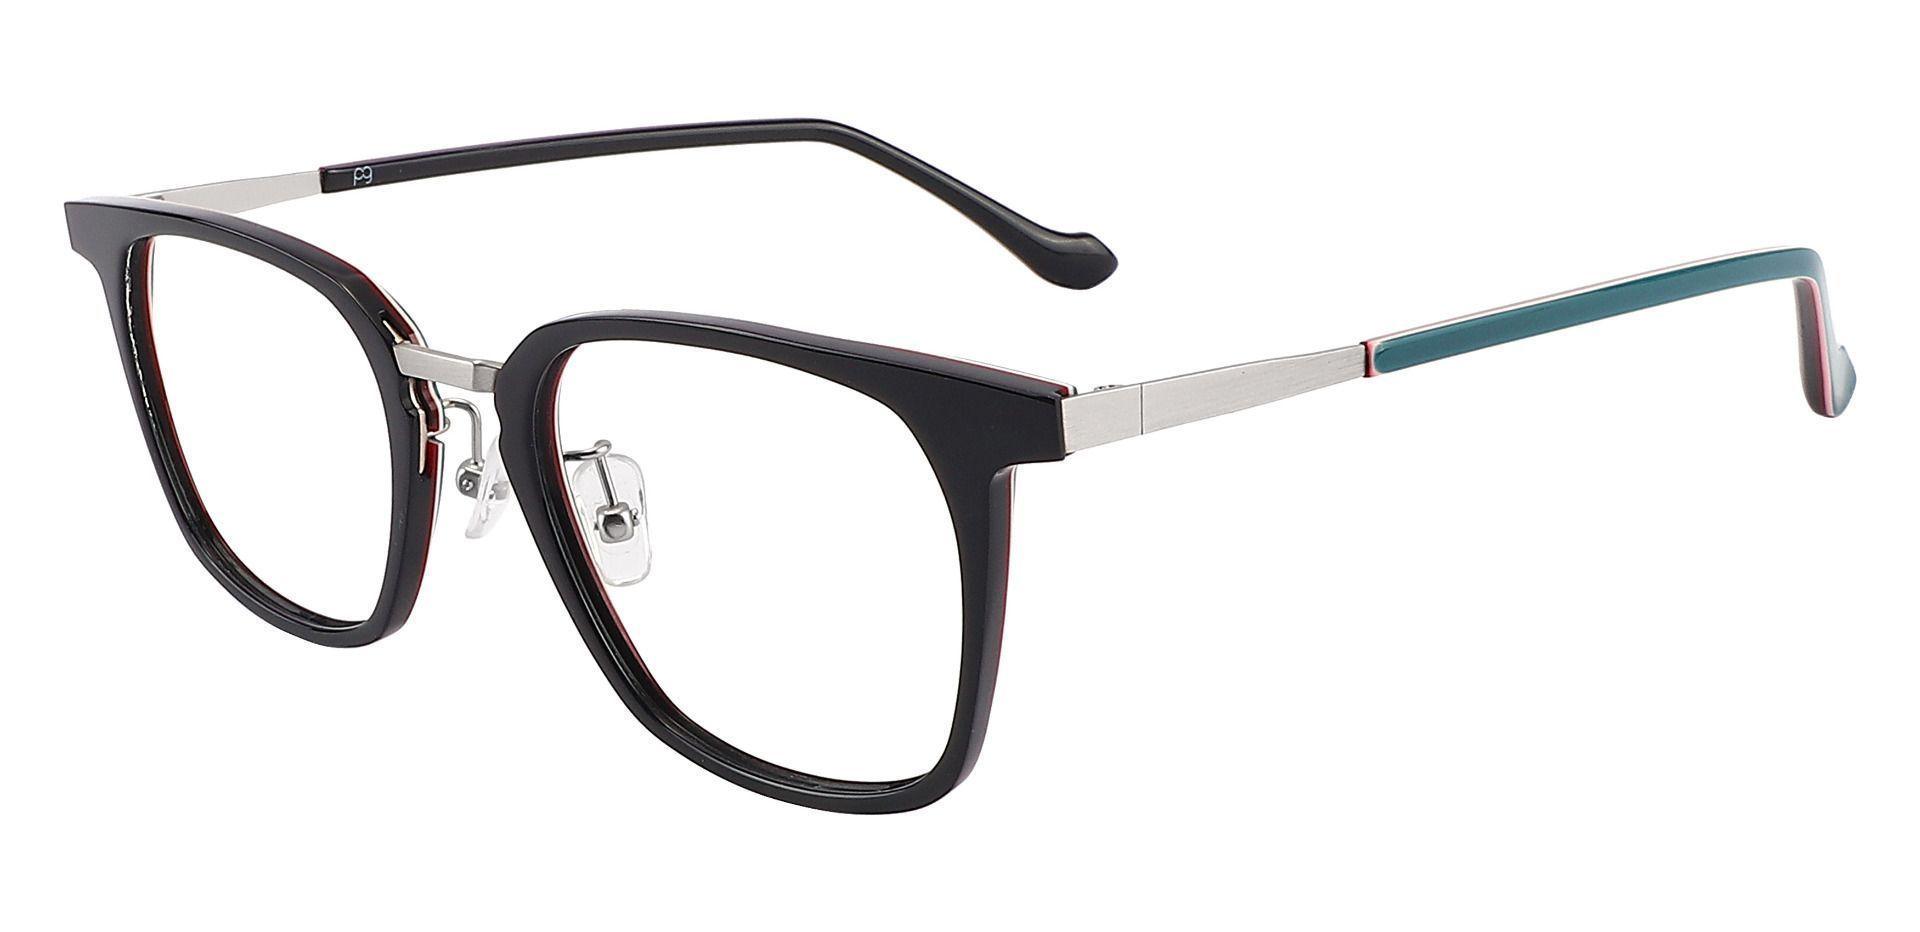 Rex Square Prescription Glasses - Black